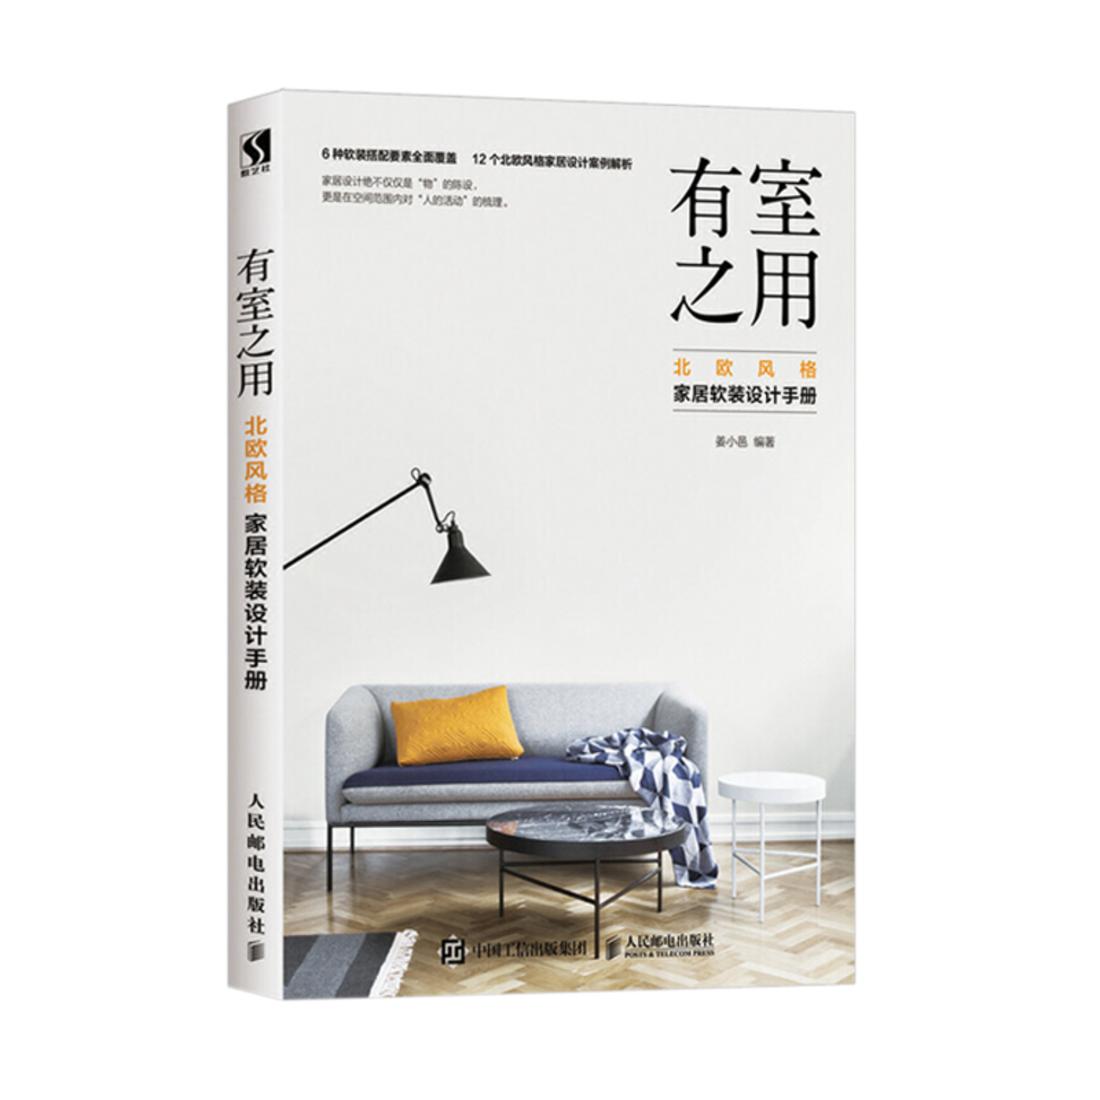 《有室之用:北欧风格家居软装设计手册》